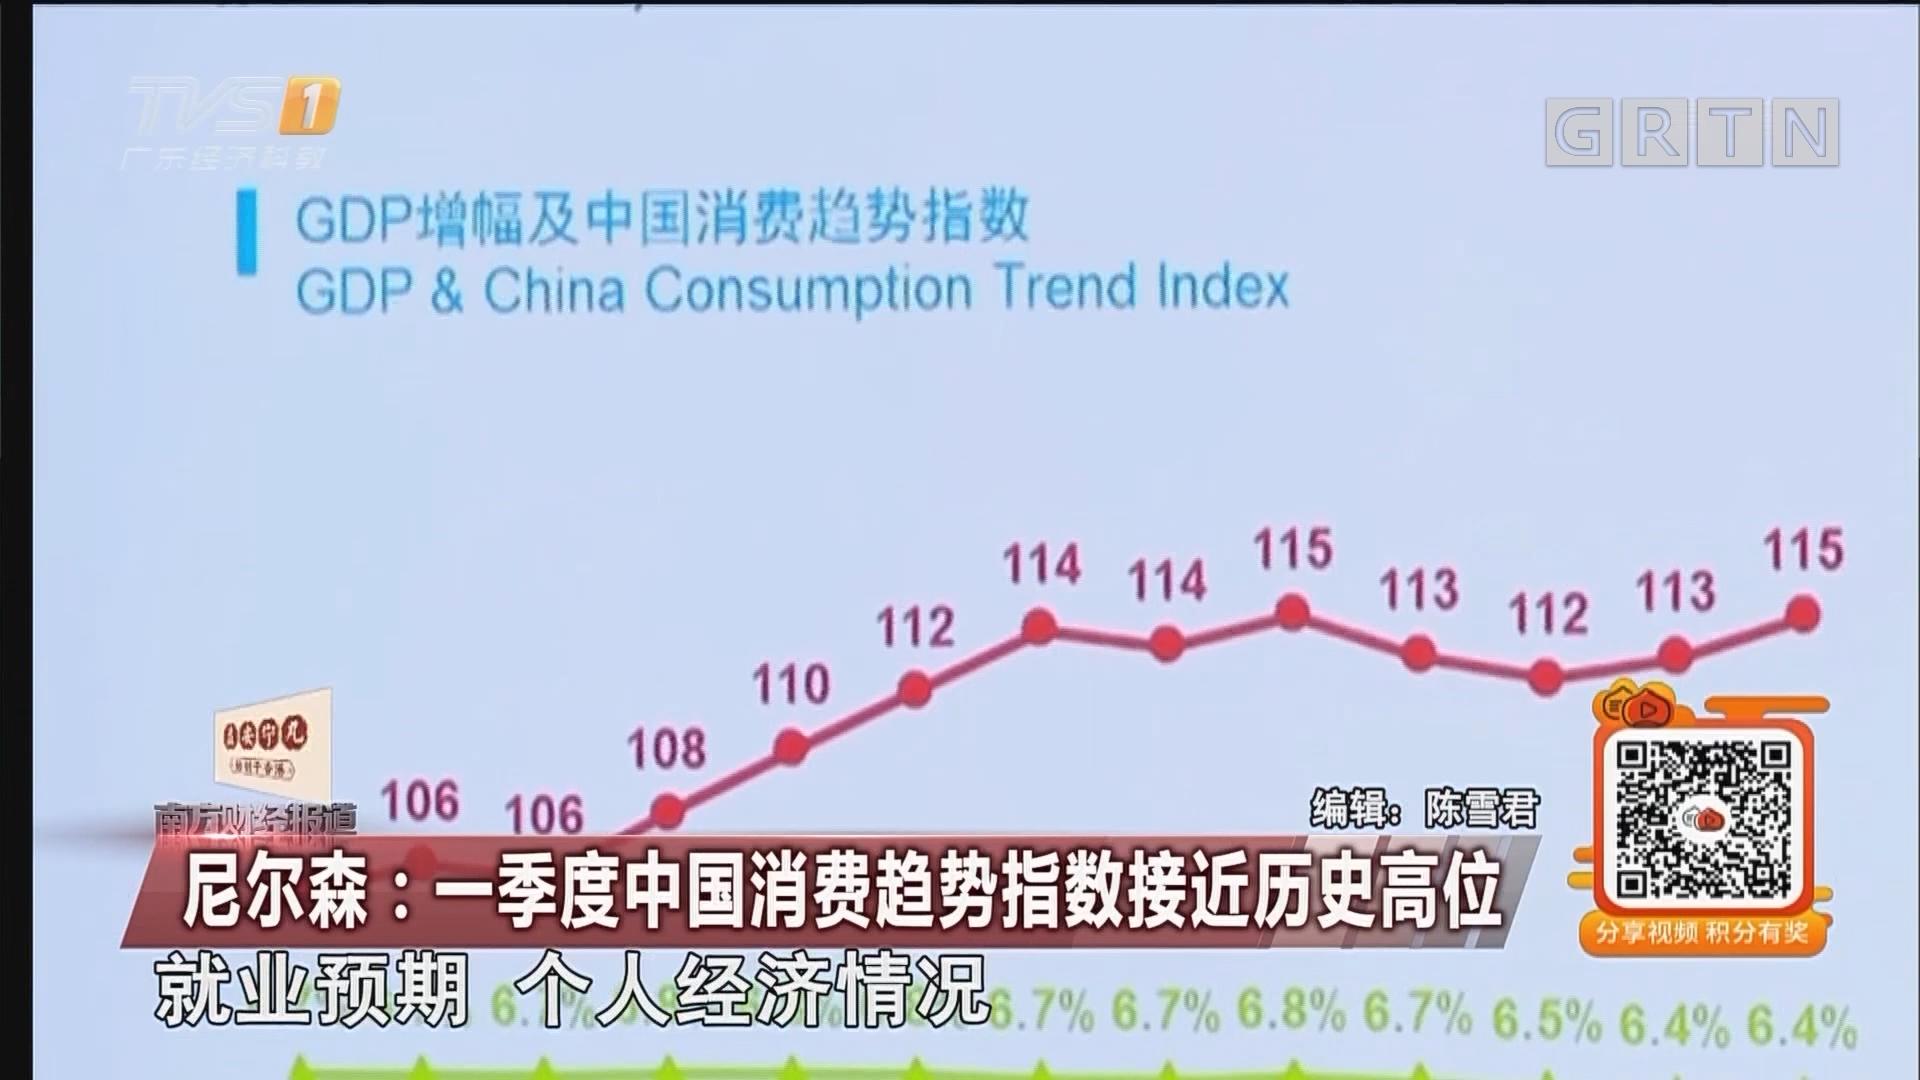 尼尔森:一季度中国消费趋势指数接近历史高位